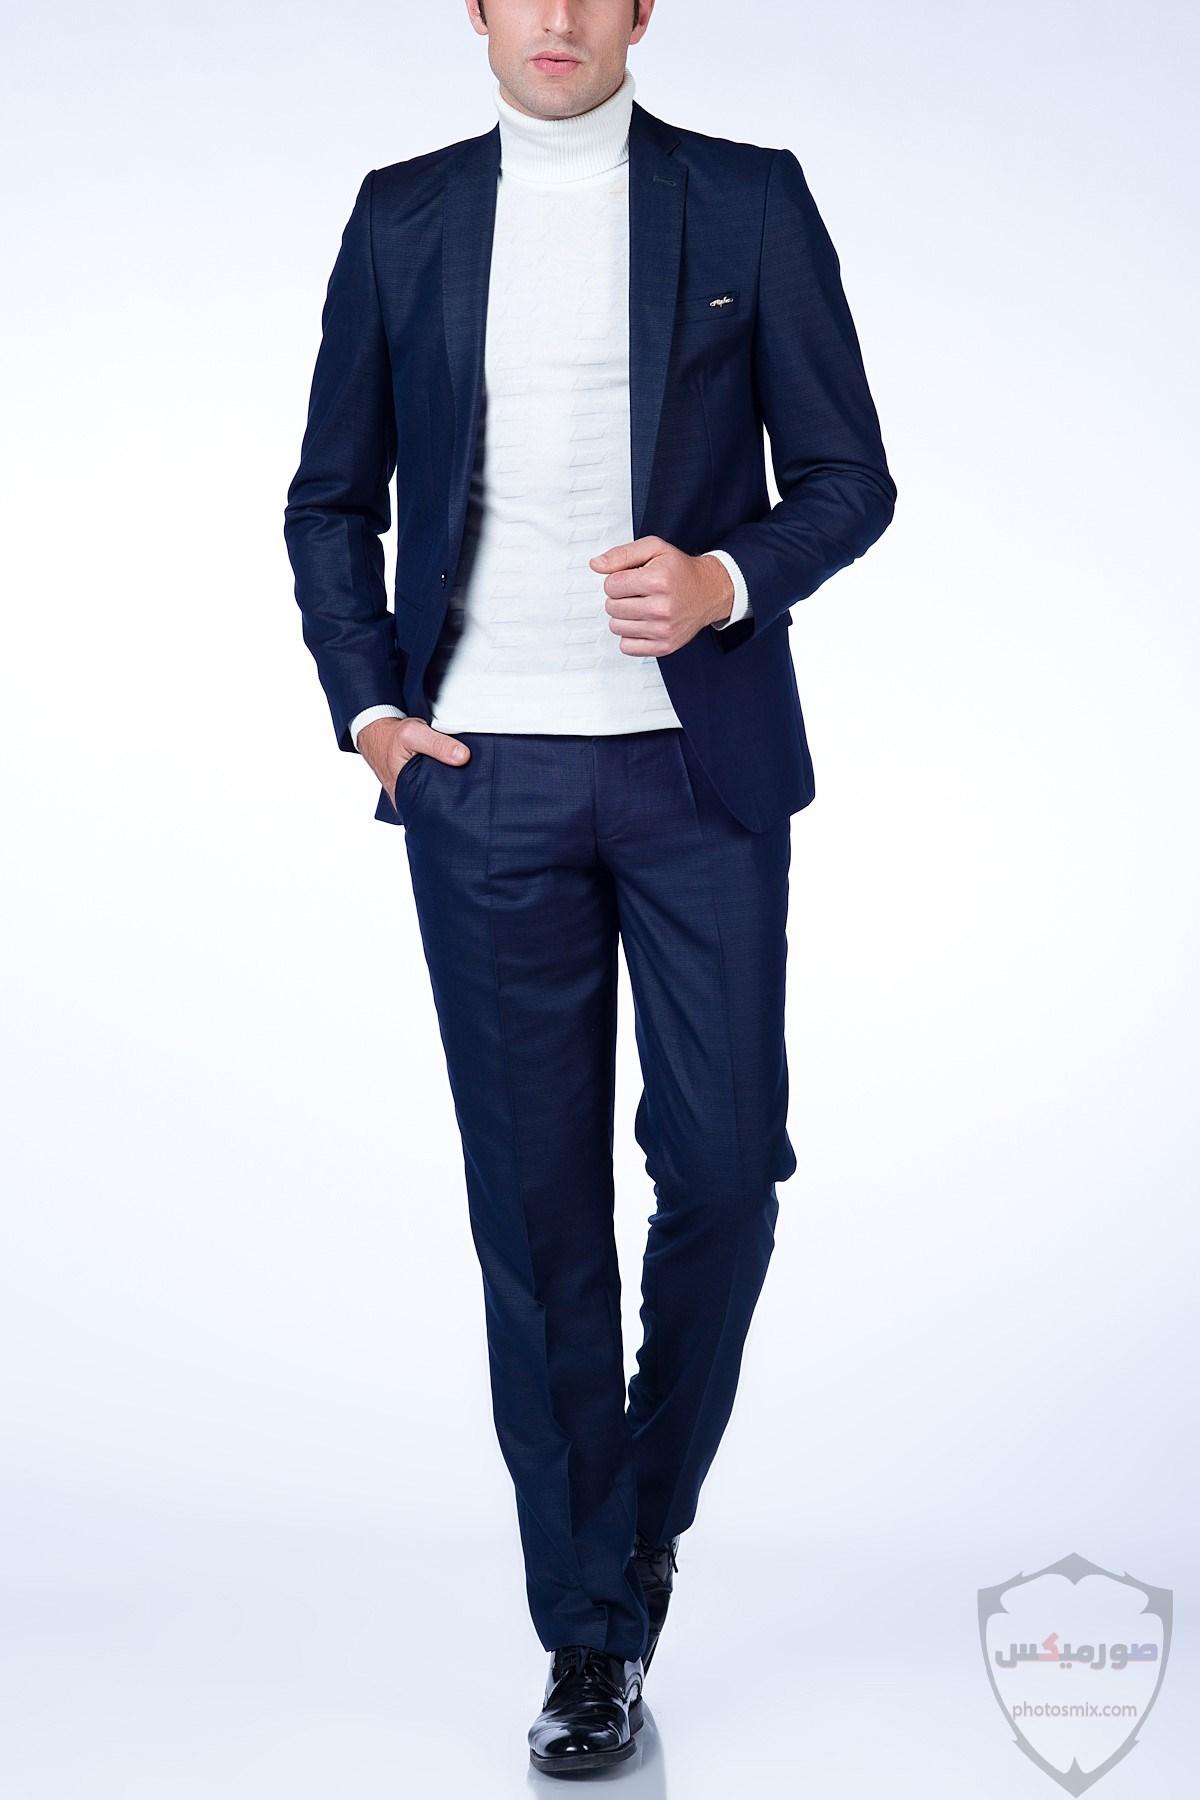 صور بدل رجالى 2020 صور ازياء وملابس كلاسيك شبابية للرجال 20